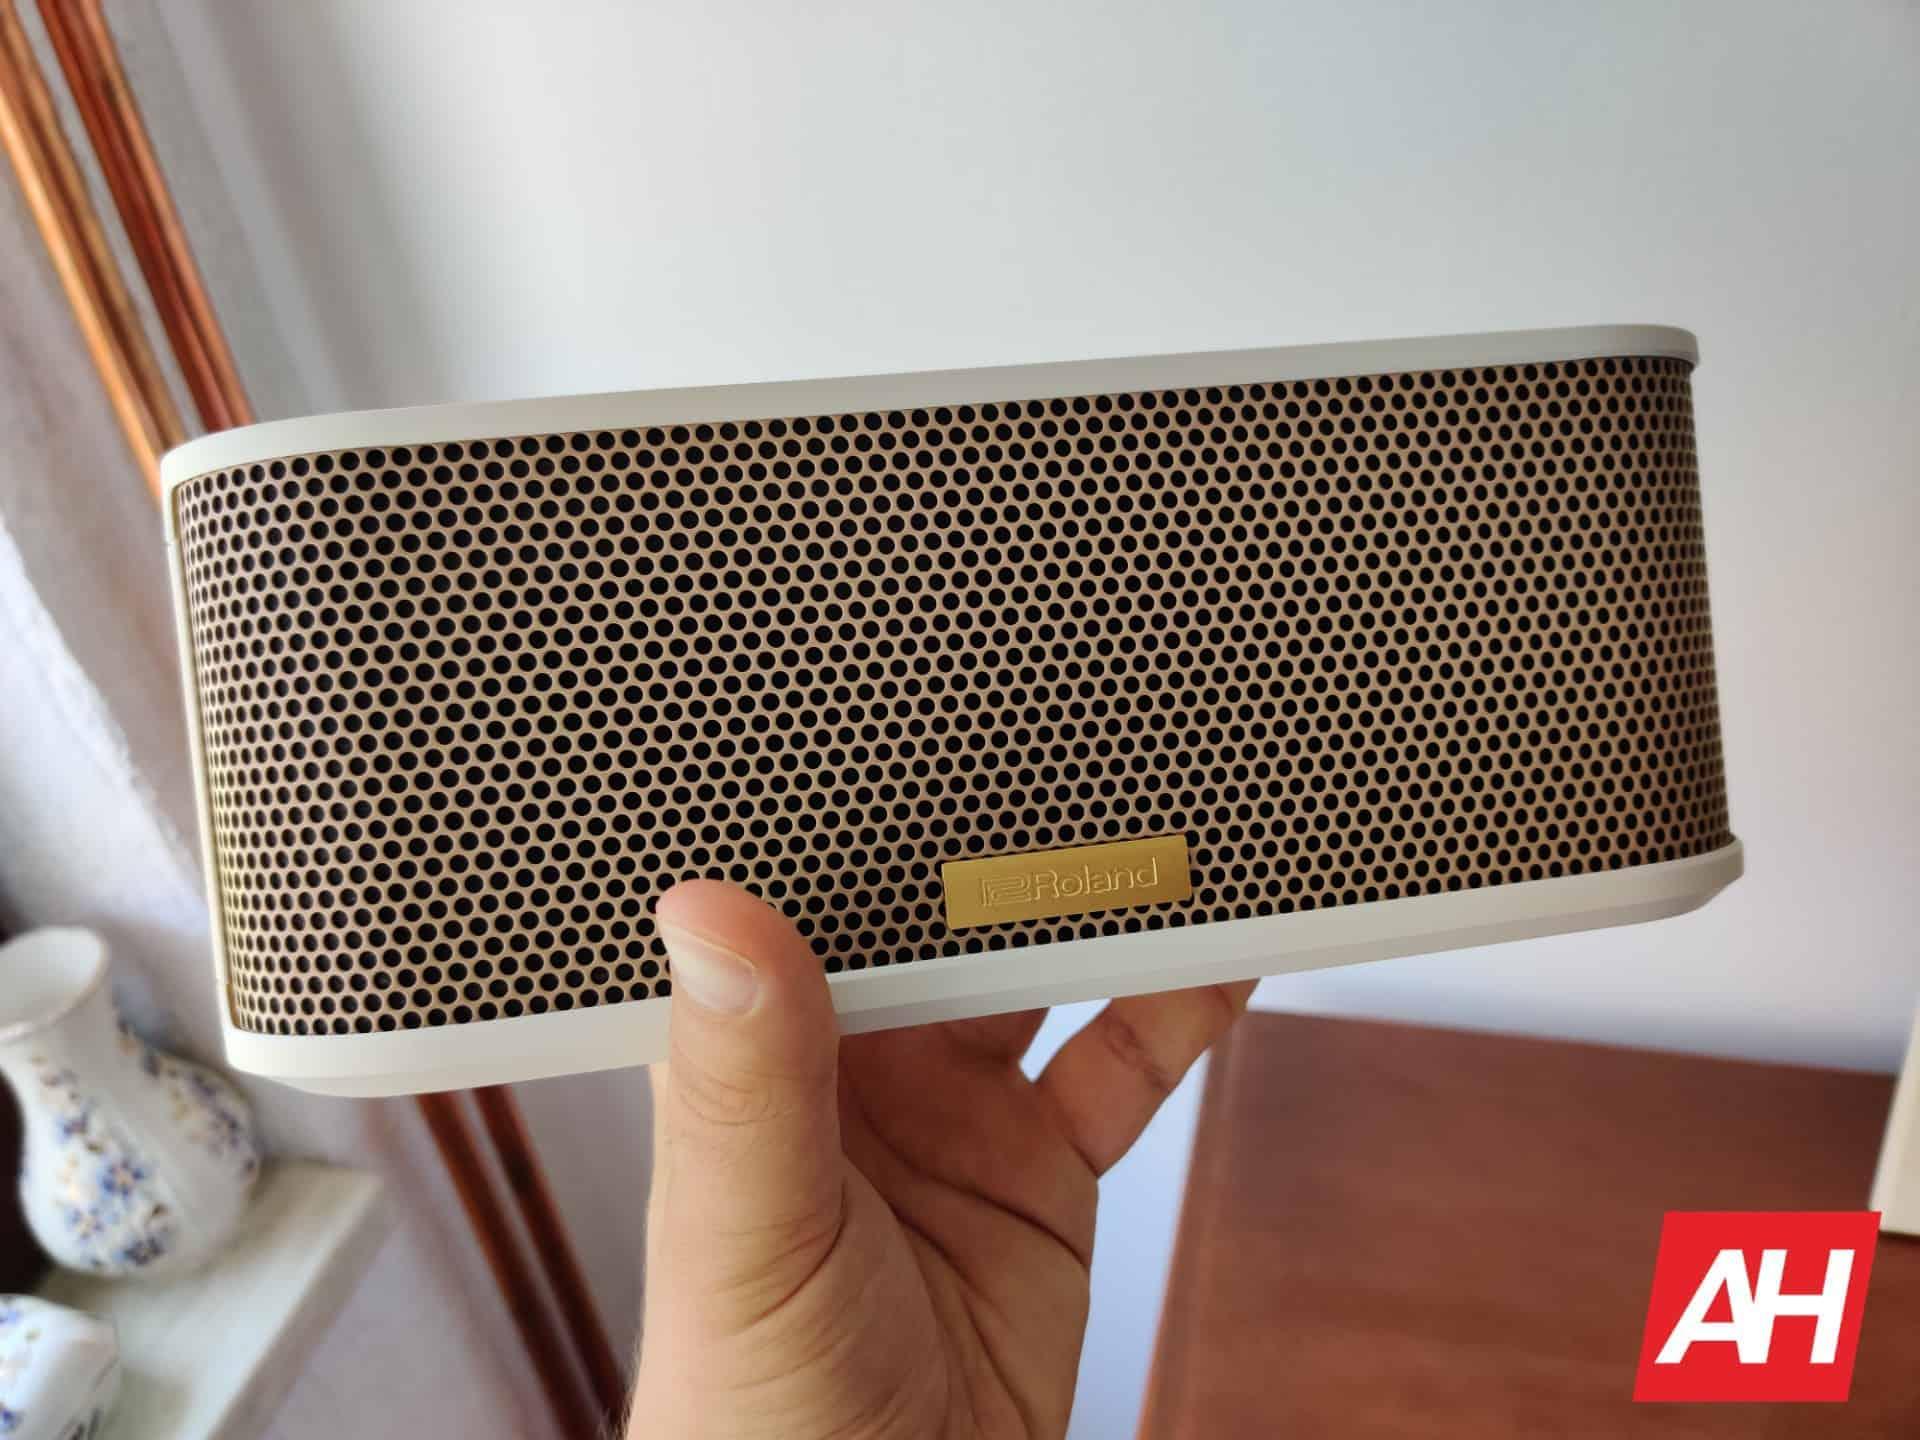 Roland BTM 1 Bluetooh speaker 31